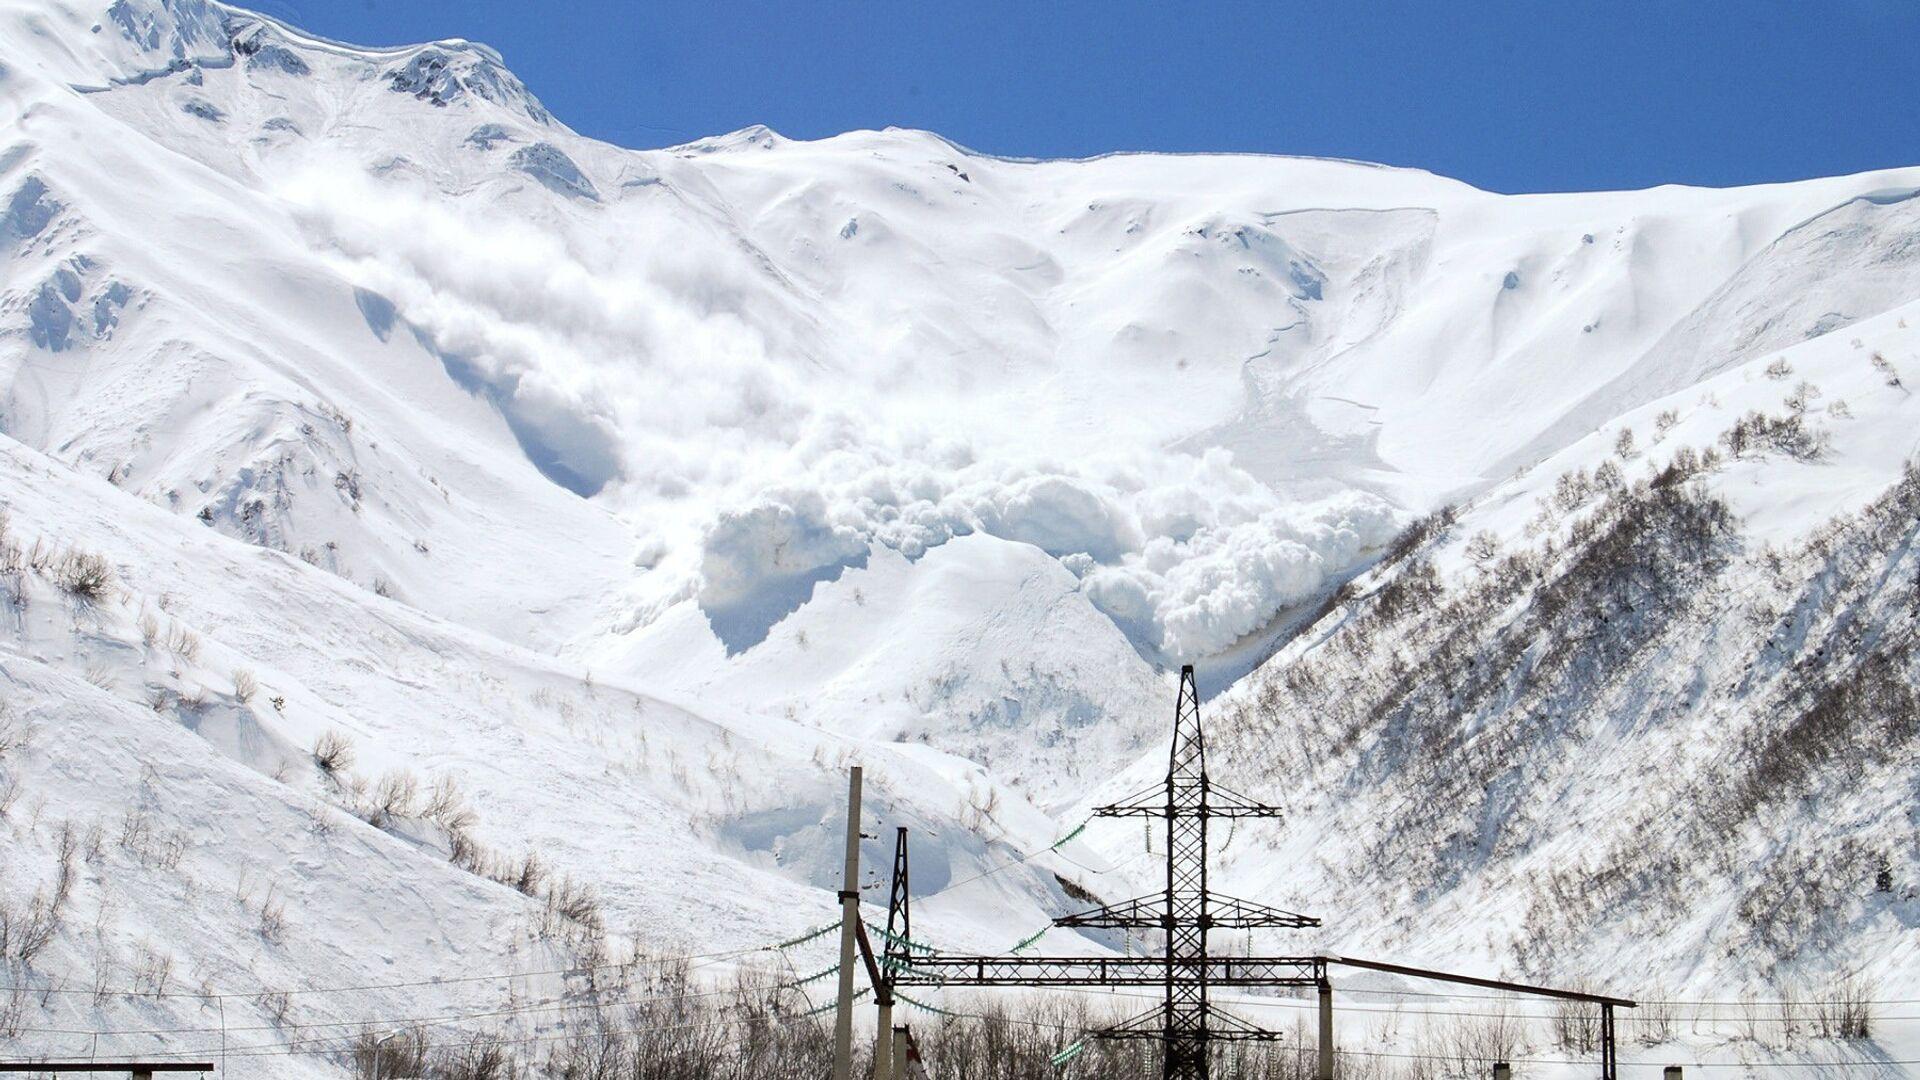 Попавшие под лавину туристы регистрировали маршрут, заявили в СК